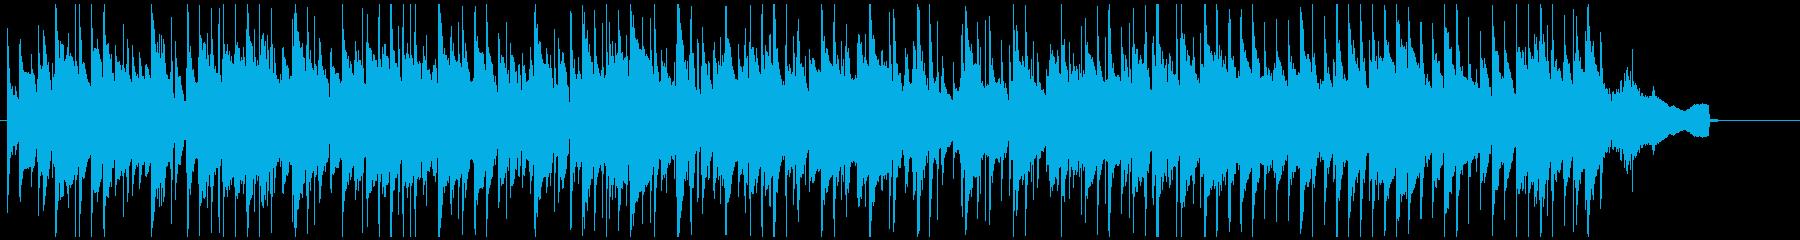 色っぽいセクシーな場面のサックス・ジャズの再生済みの波形